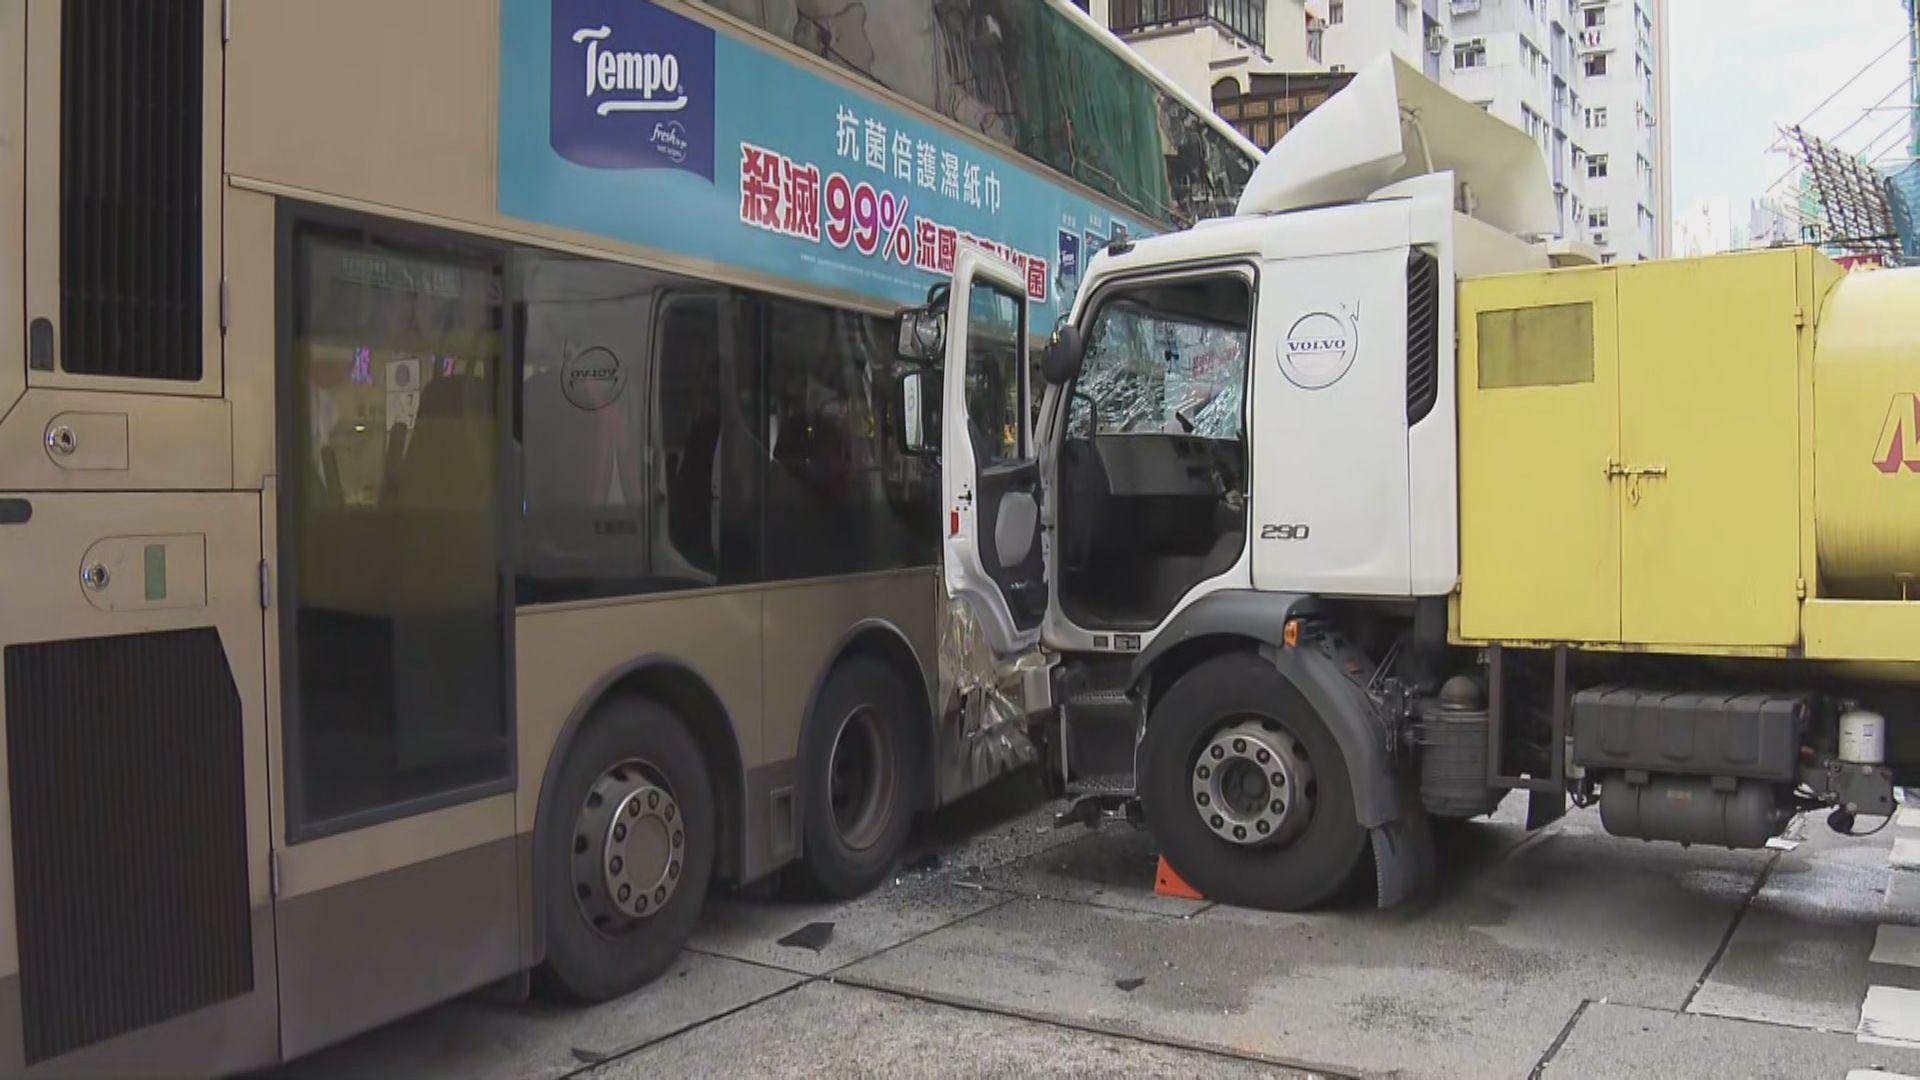 深水埗巴士及洗街車相撞 22人受傷